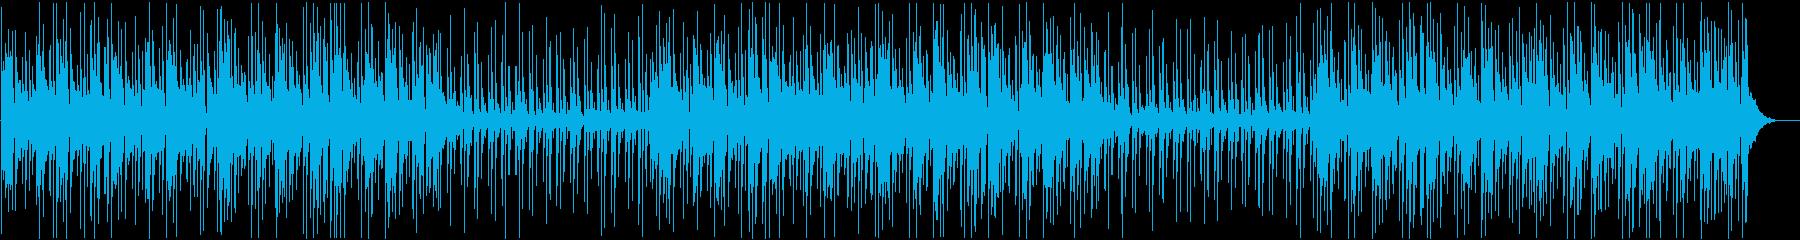 素朴でゆったりしたハワイ風BGMの再生済みの波形